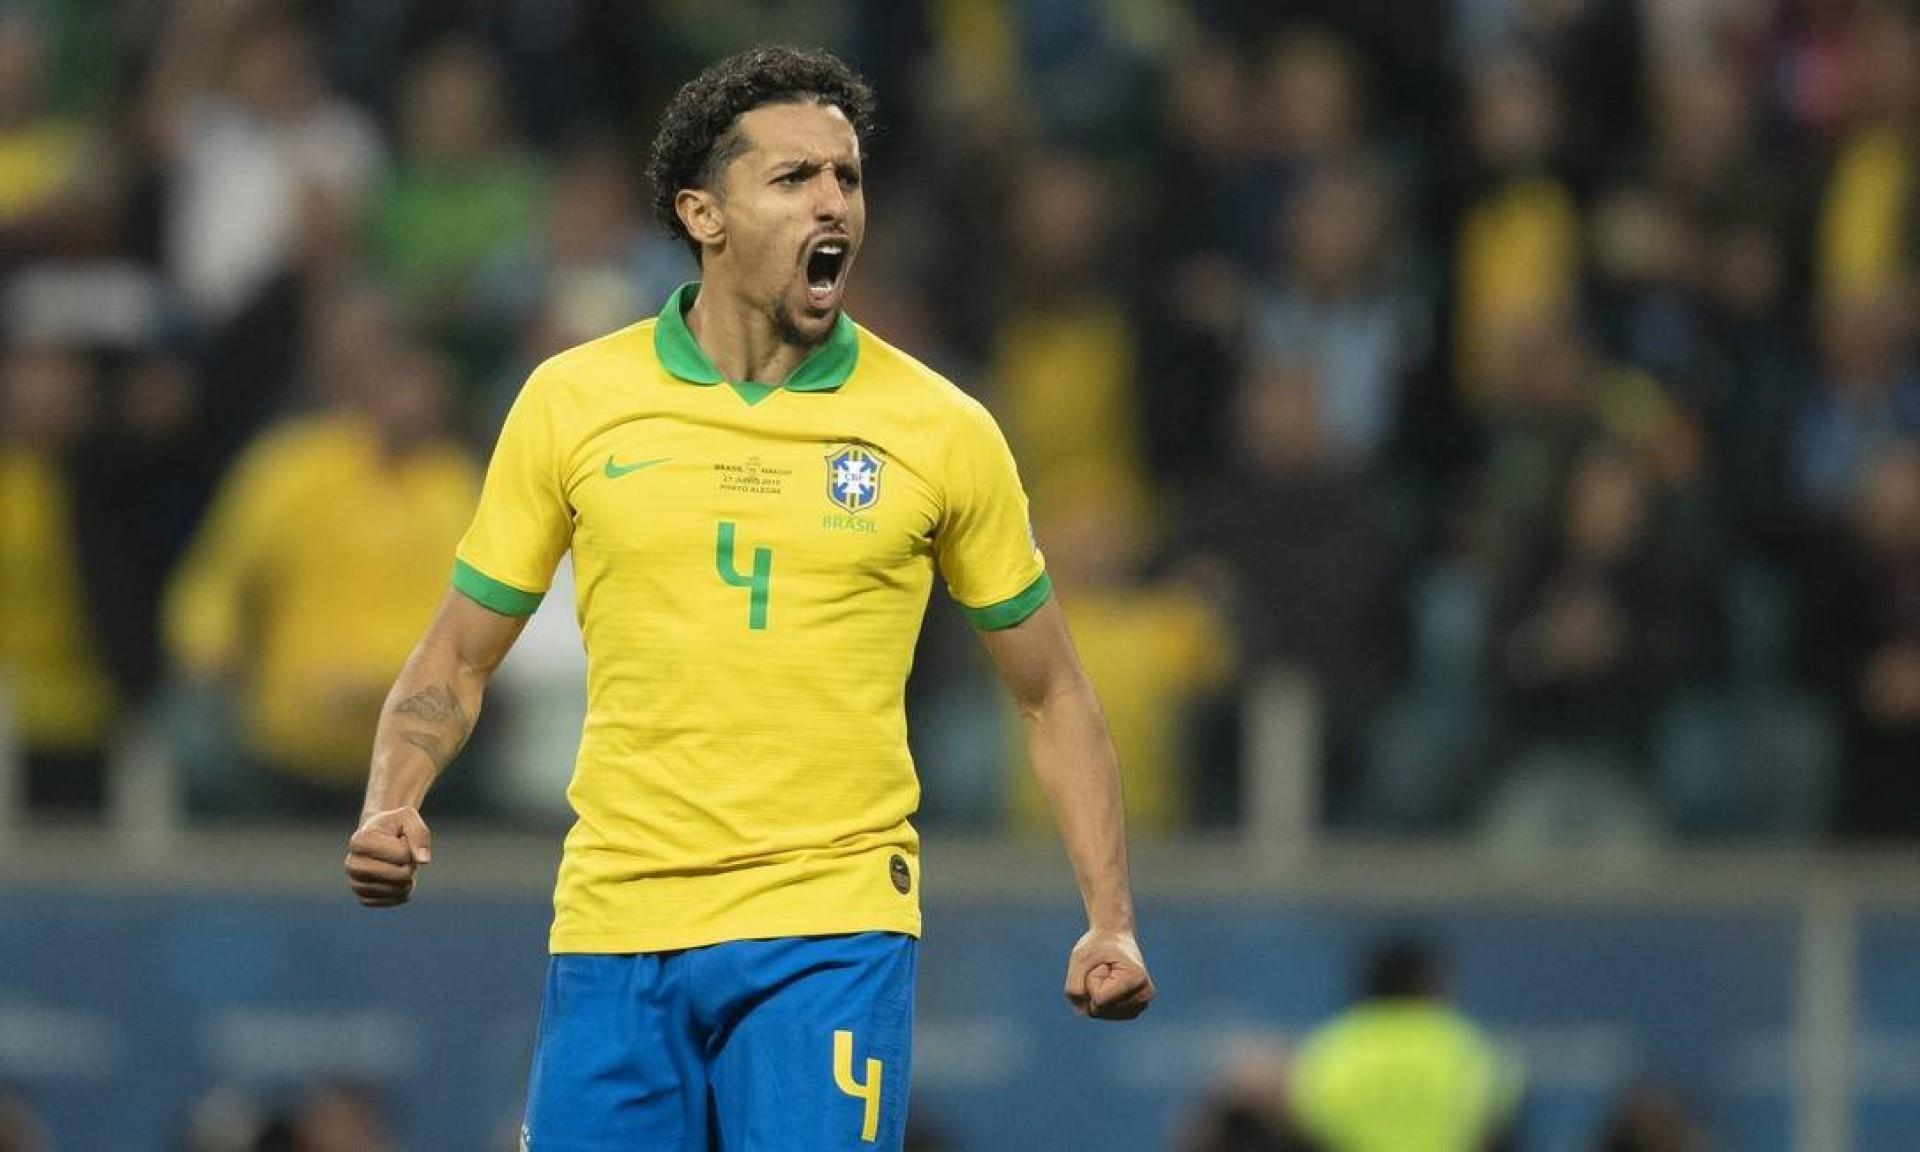 Se você também sentiu falta de algum brasileiro, o próximo a aparecer está na 37ª posição: o zagueiro Marquinhos.